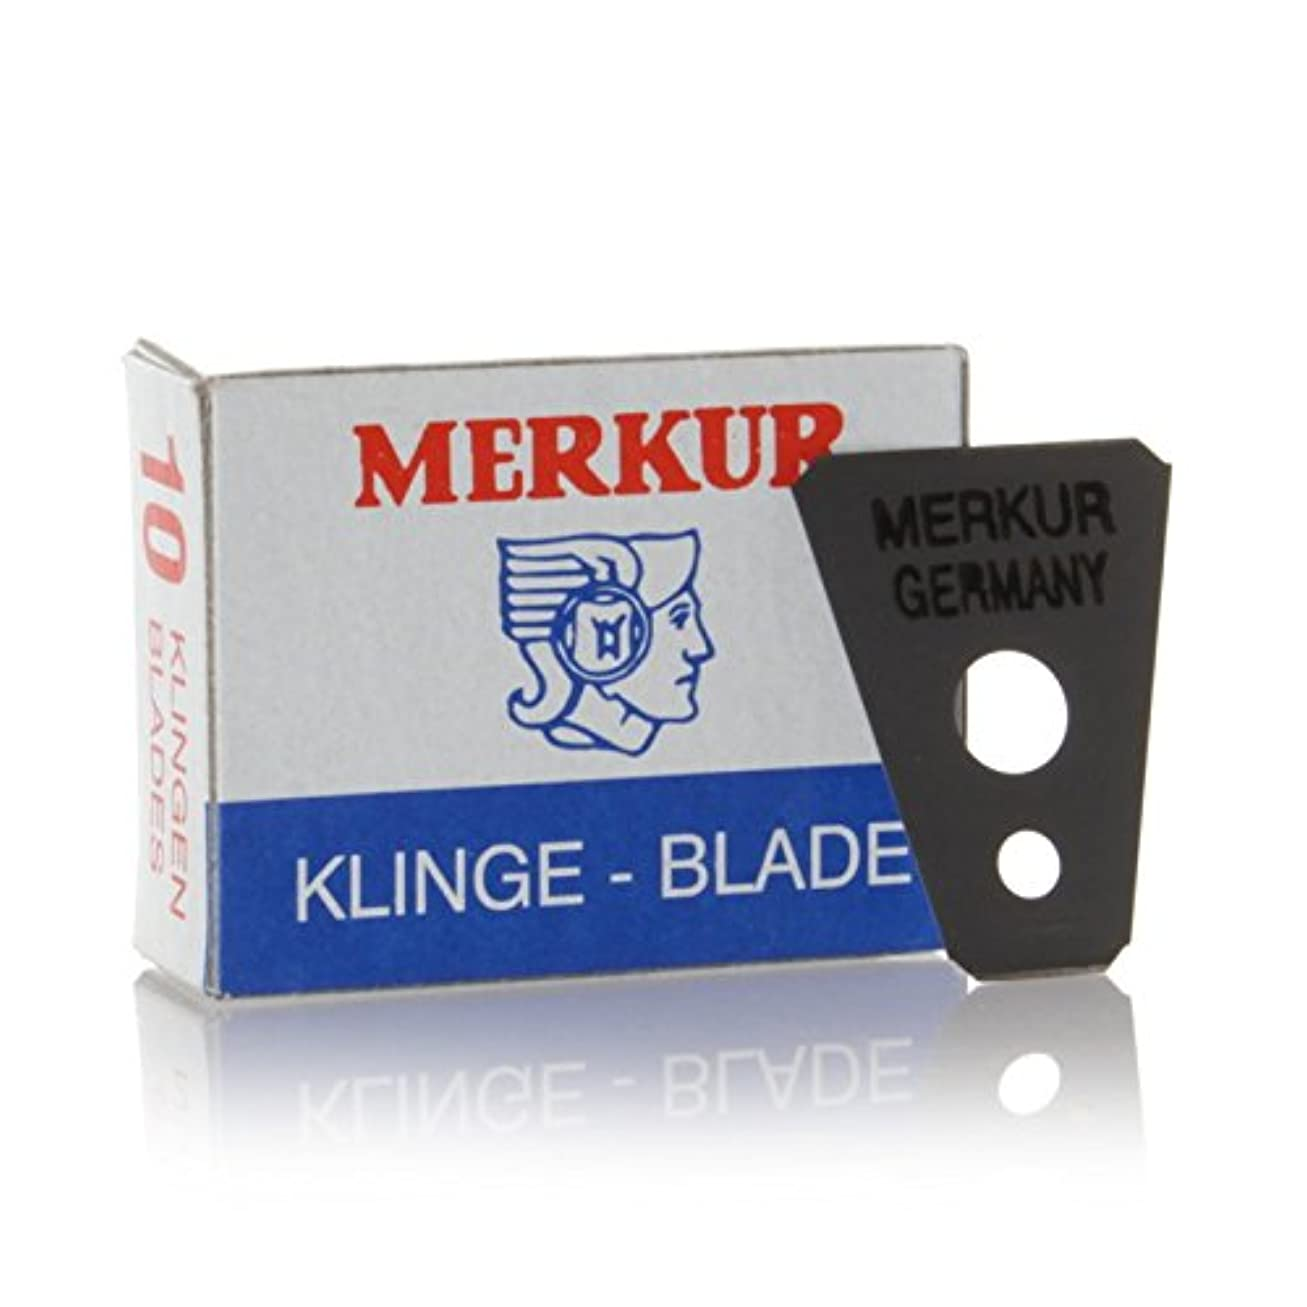 チョップところで金額MERKUR Solingen - Razor blades for moustache shaver, 10 pieces, 90908100